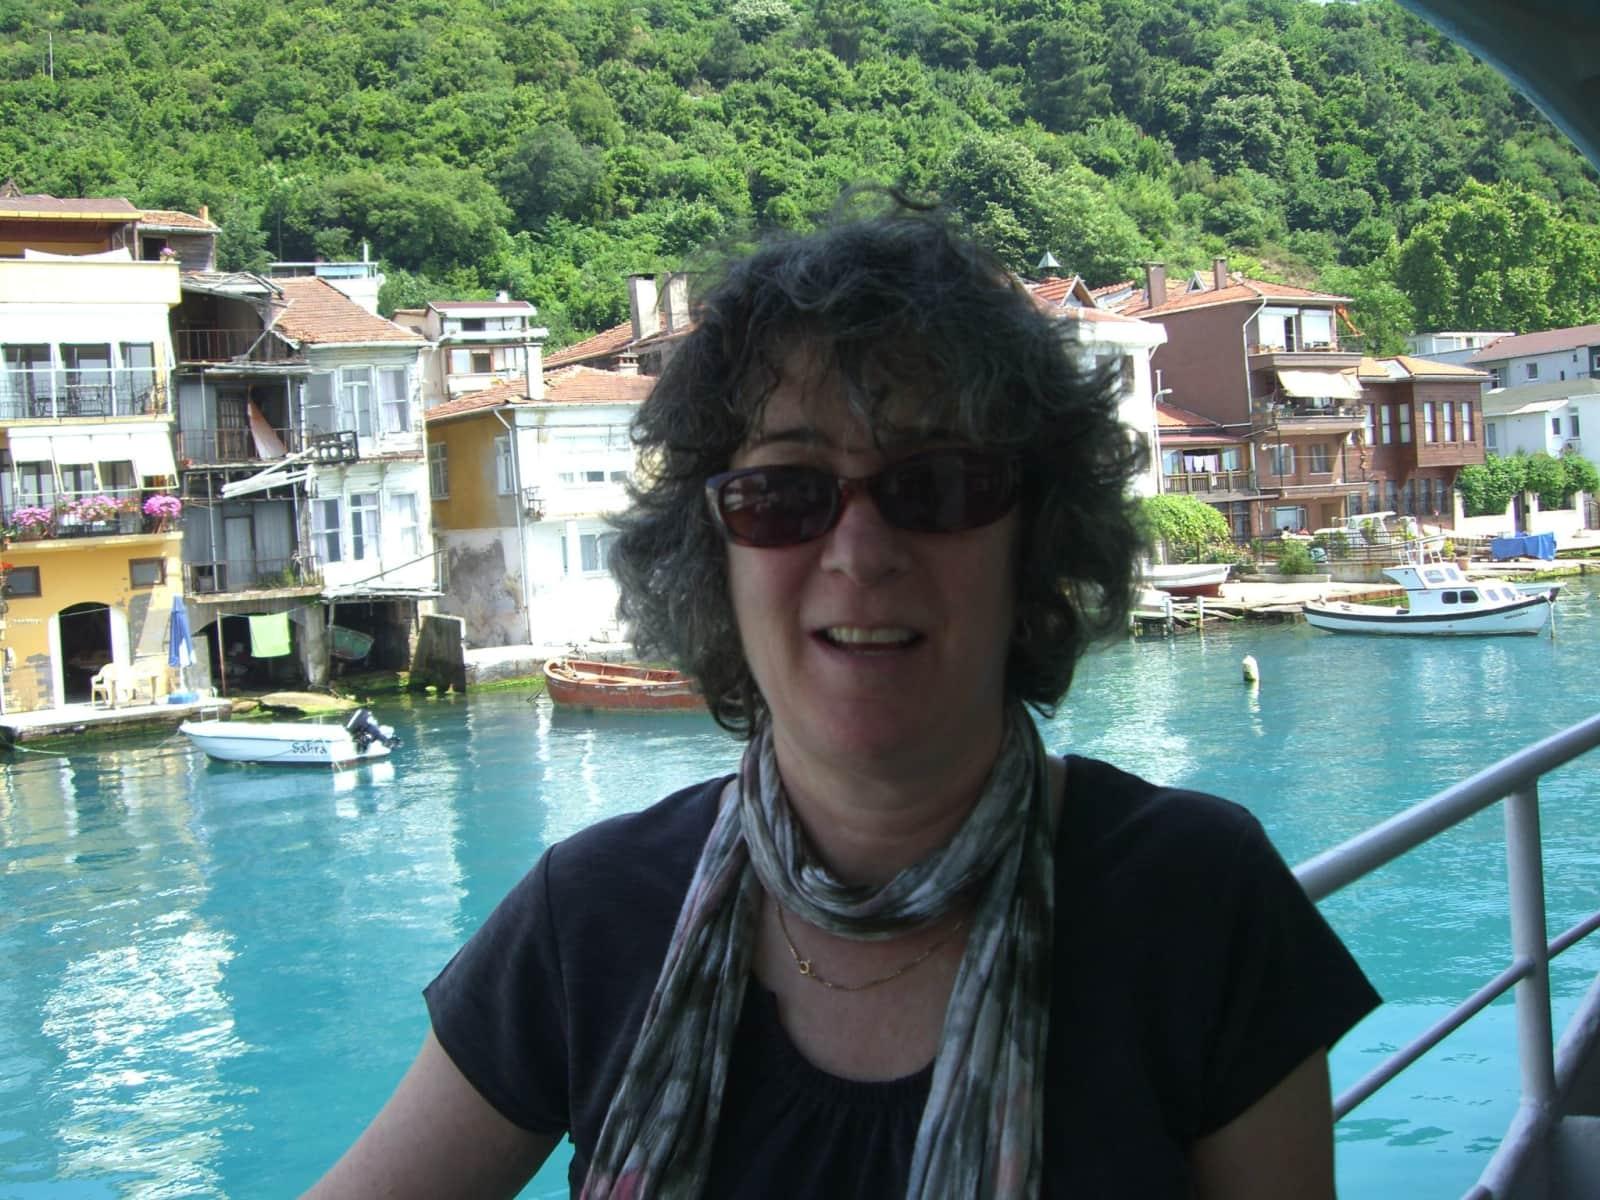 Carla from Toronto, Ontario, Canada